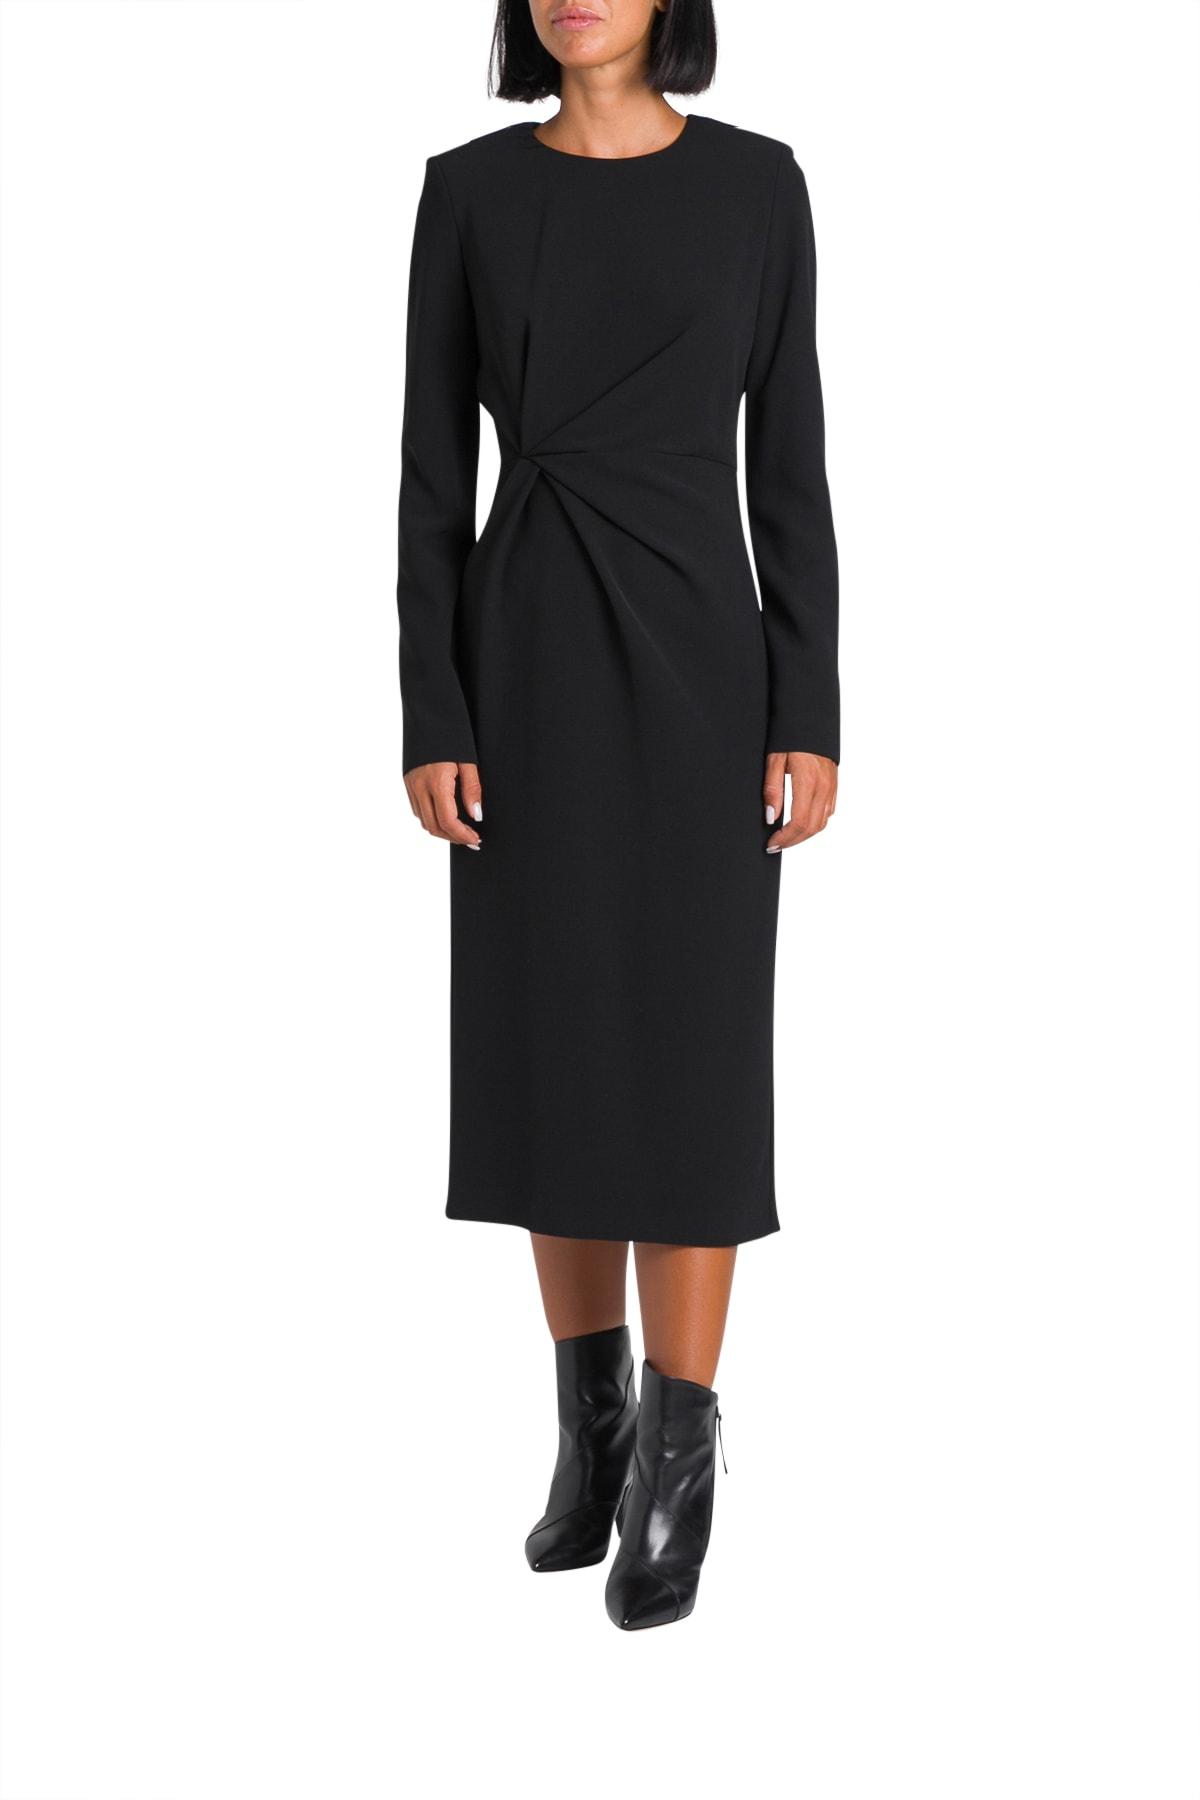 Parosh Long Dress With Draping